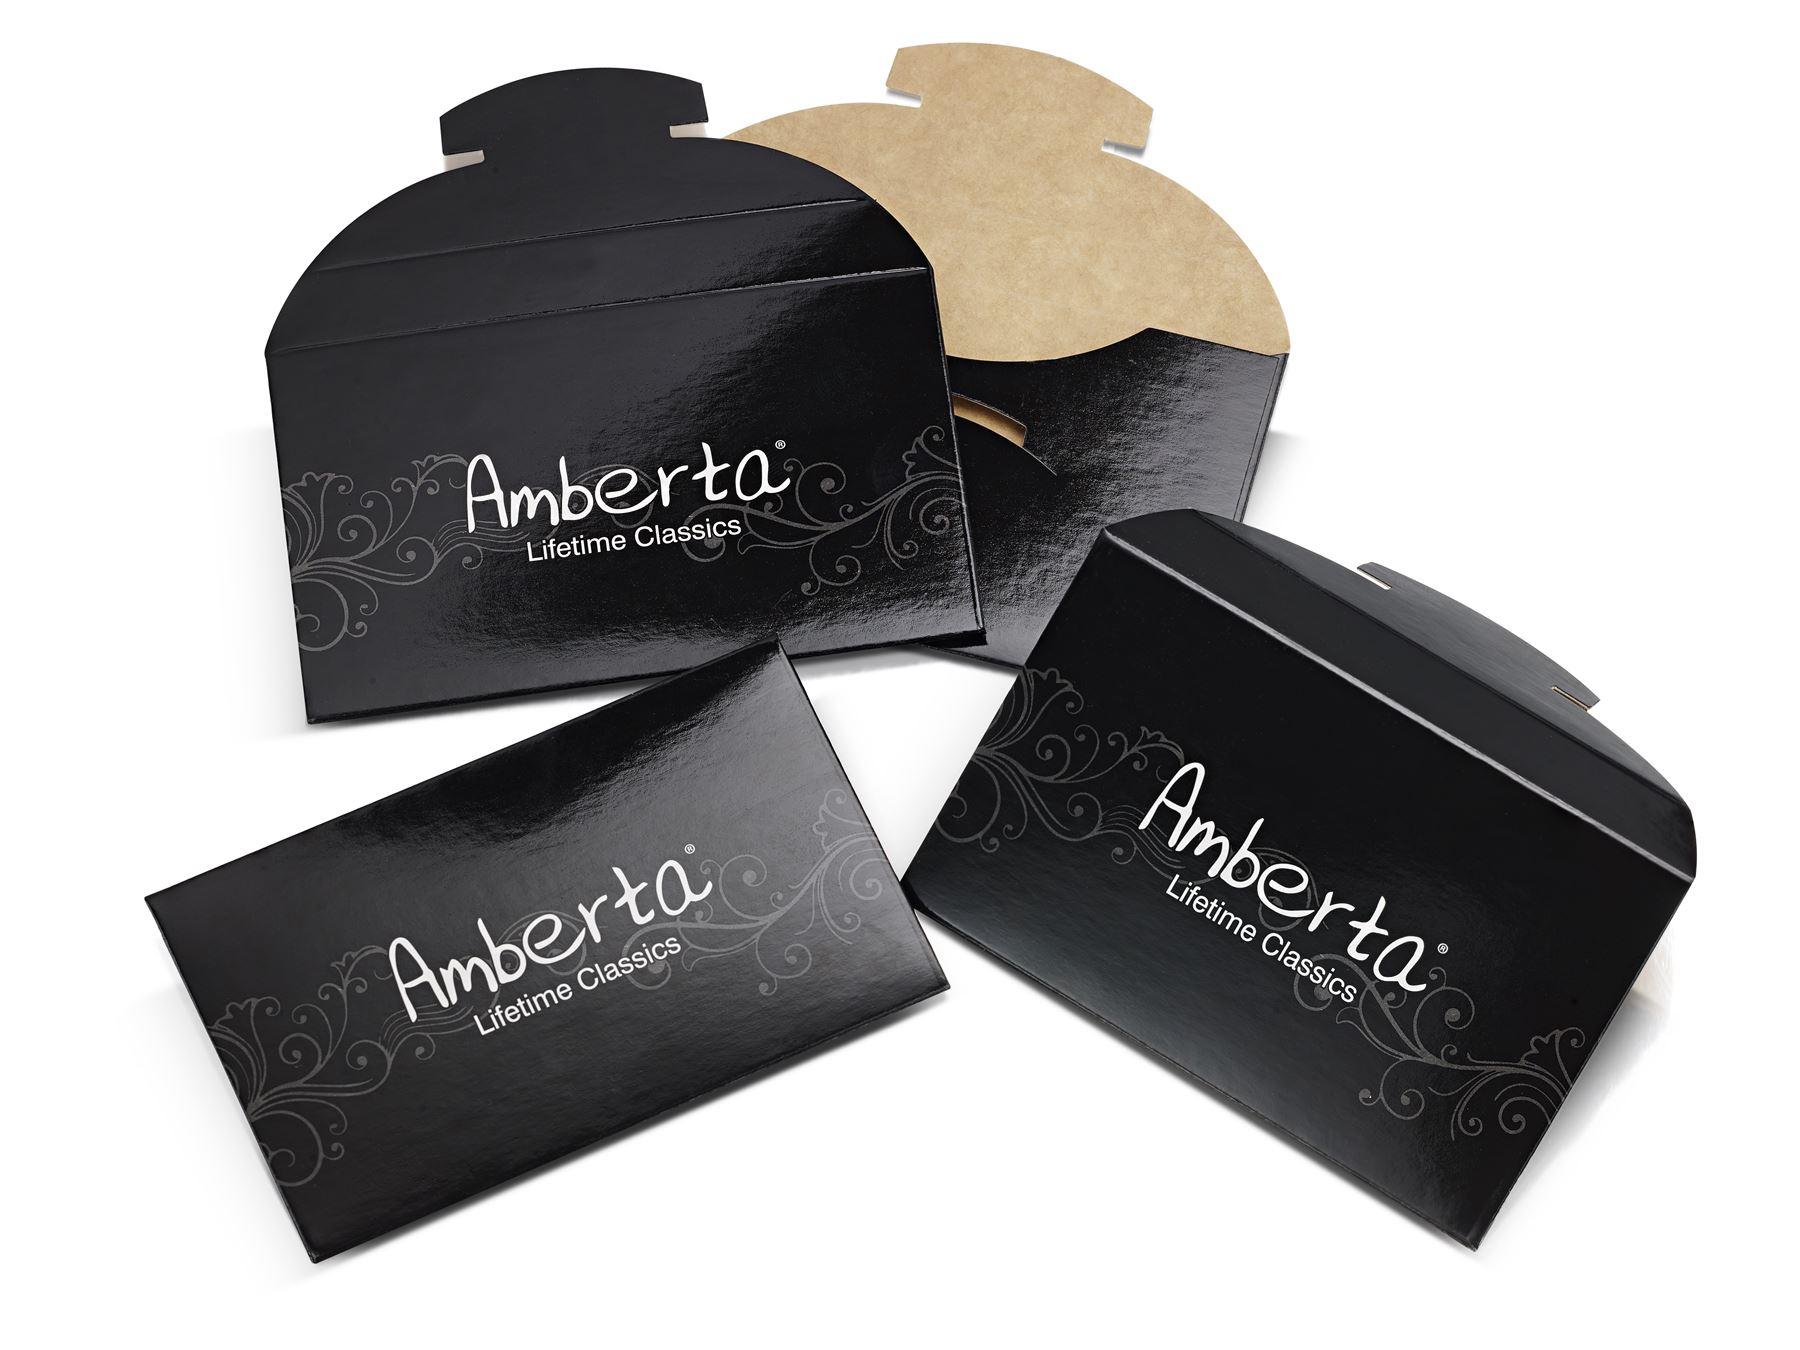 Amberta-Pendientes-para-Mujer-Aros-en-Plata-De-Ley-925-Autentica-Estilo-Clasico miniatura 21